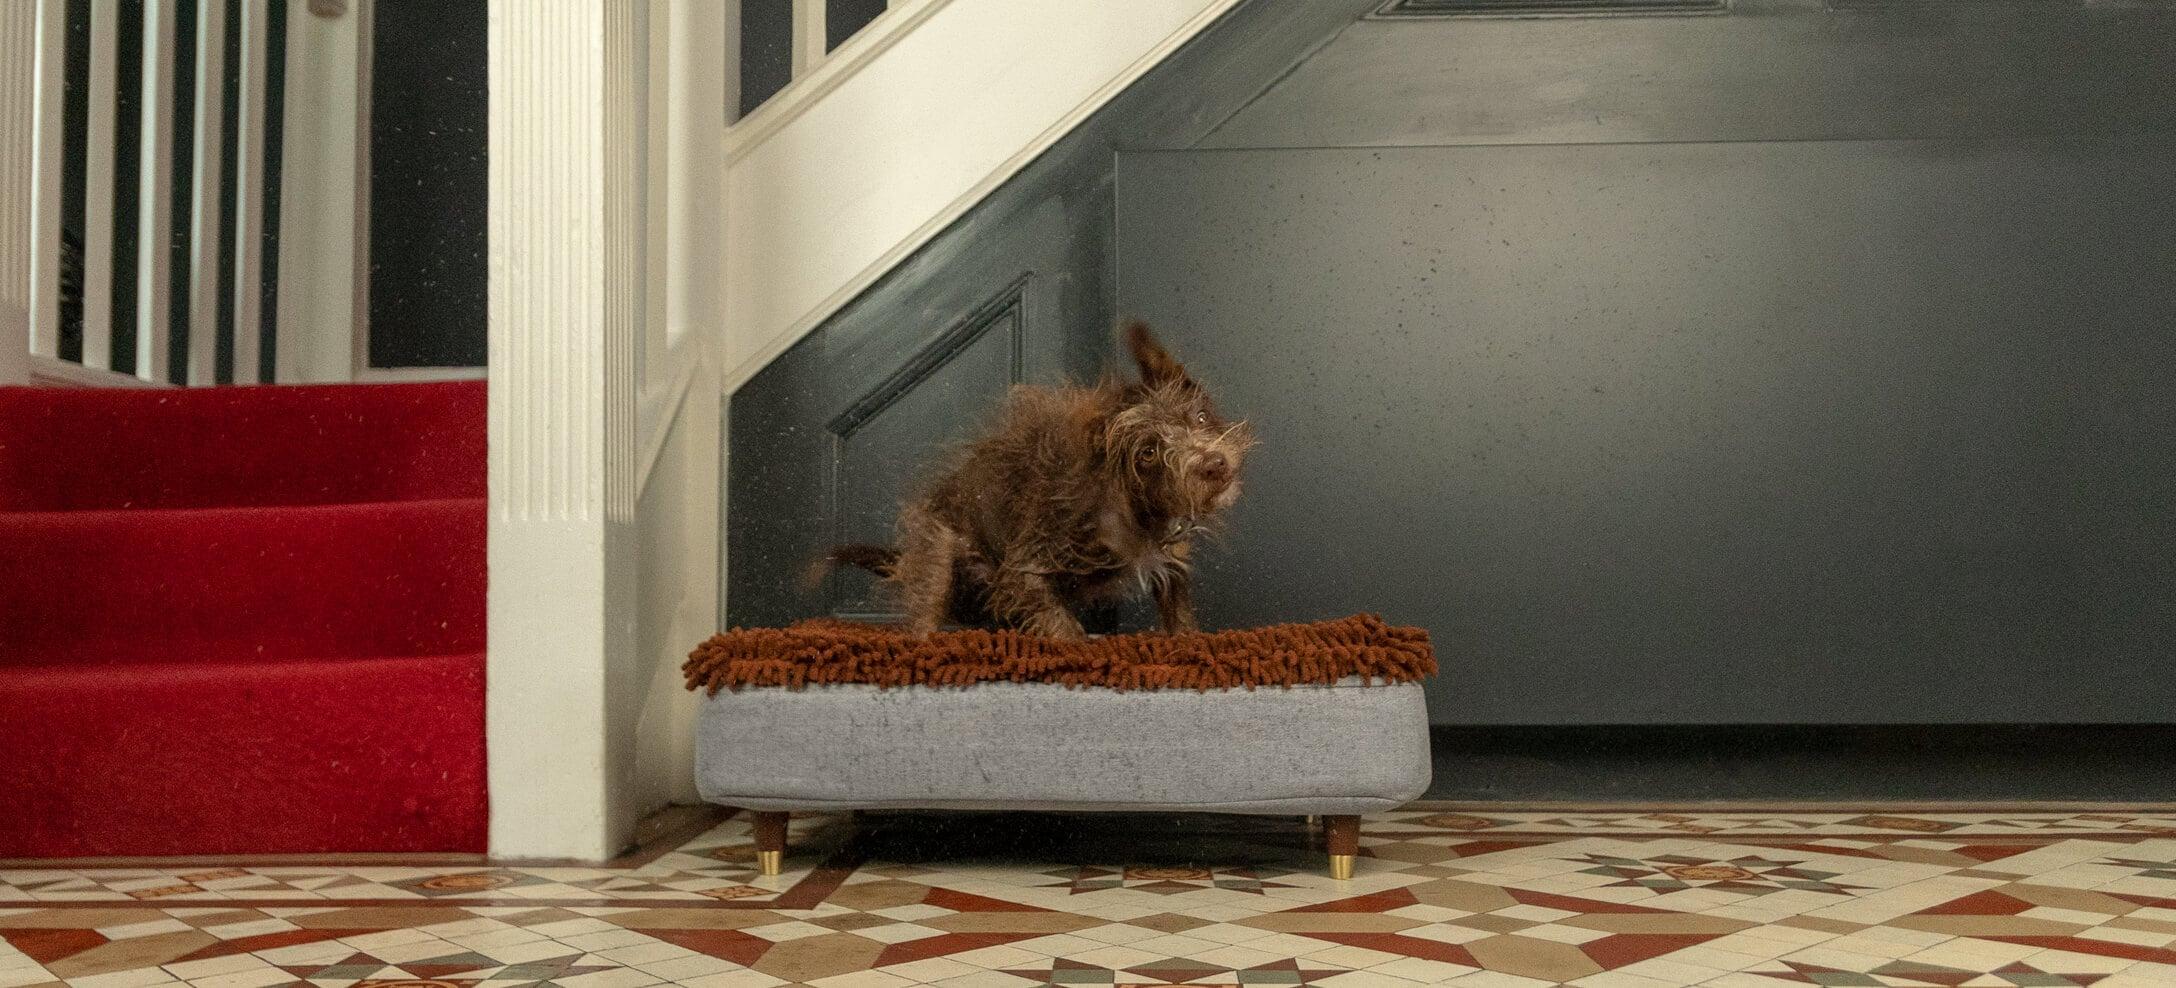 Ein brauner Hund schüttelt sich auf einem Topology Bett trocken.